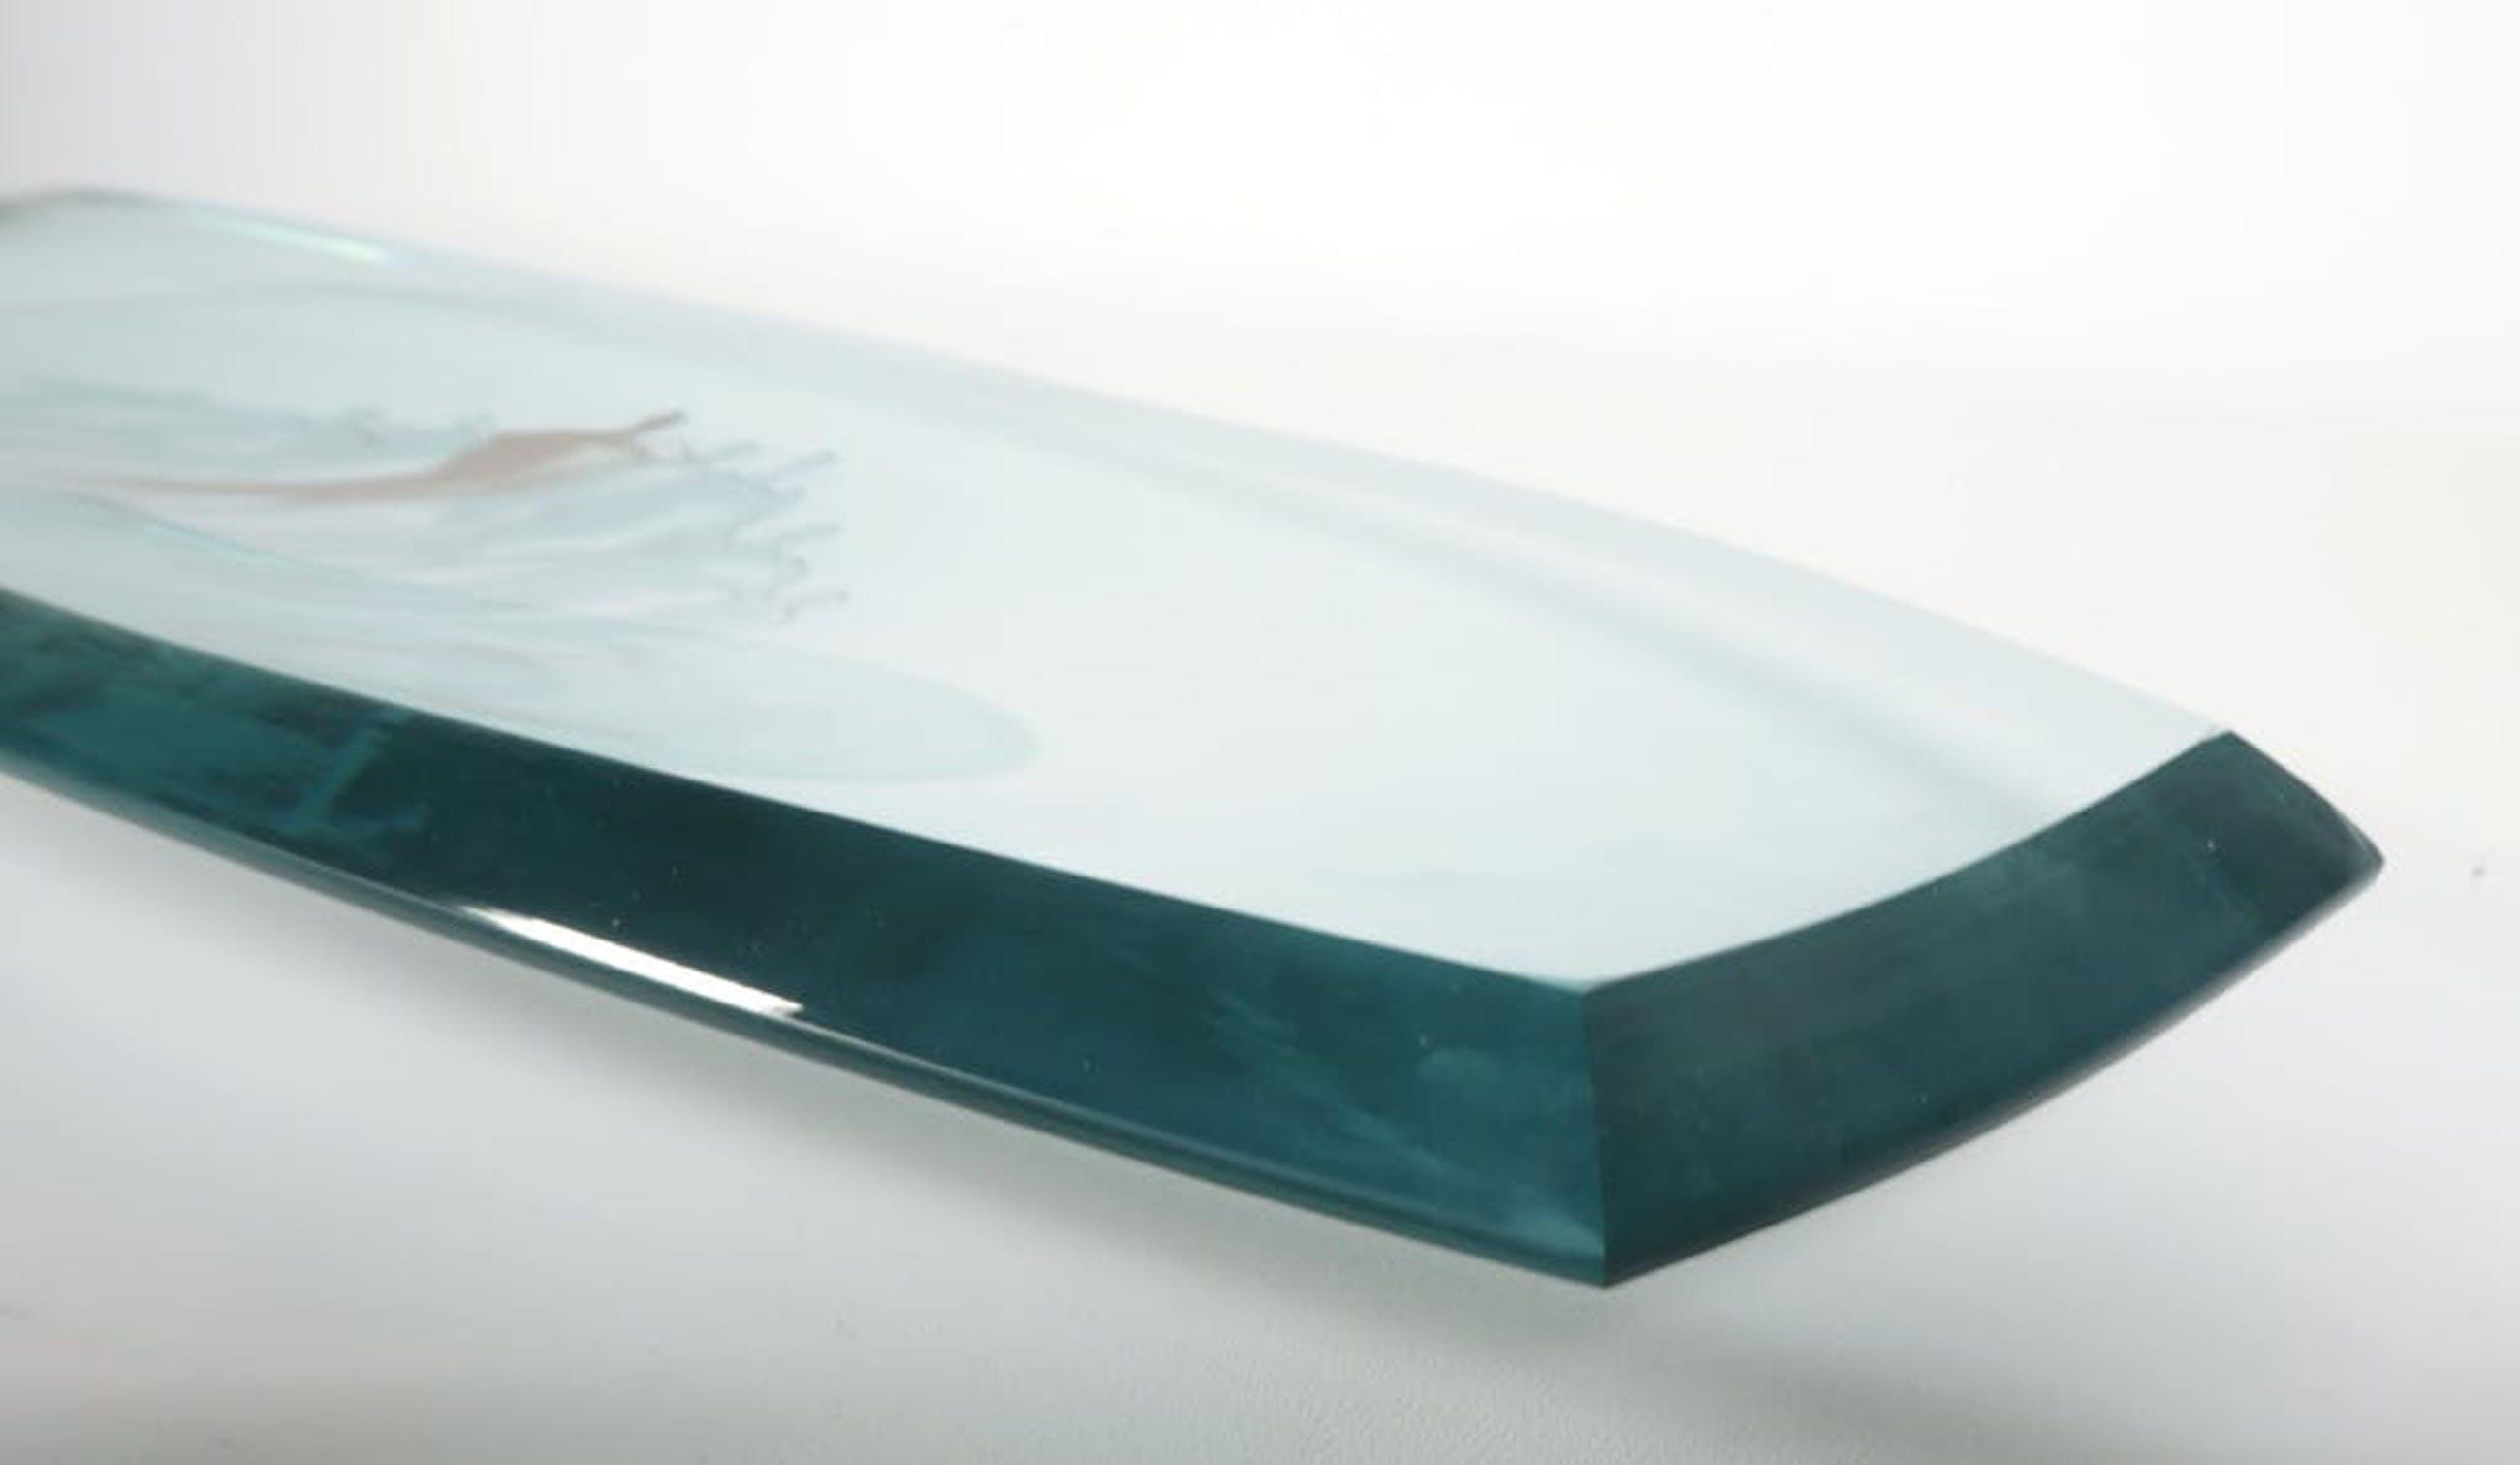 Corry Ammerlaan - Glazen schaal met twee metalen sculpturen in houten doos kopen? Bied vanaf 10!